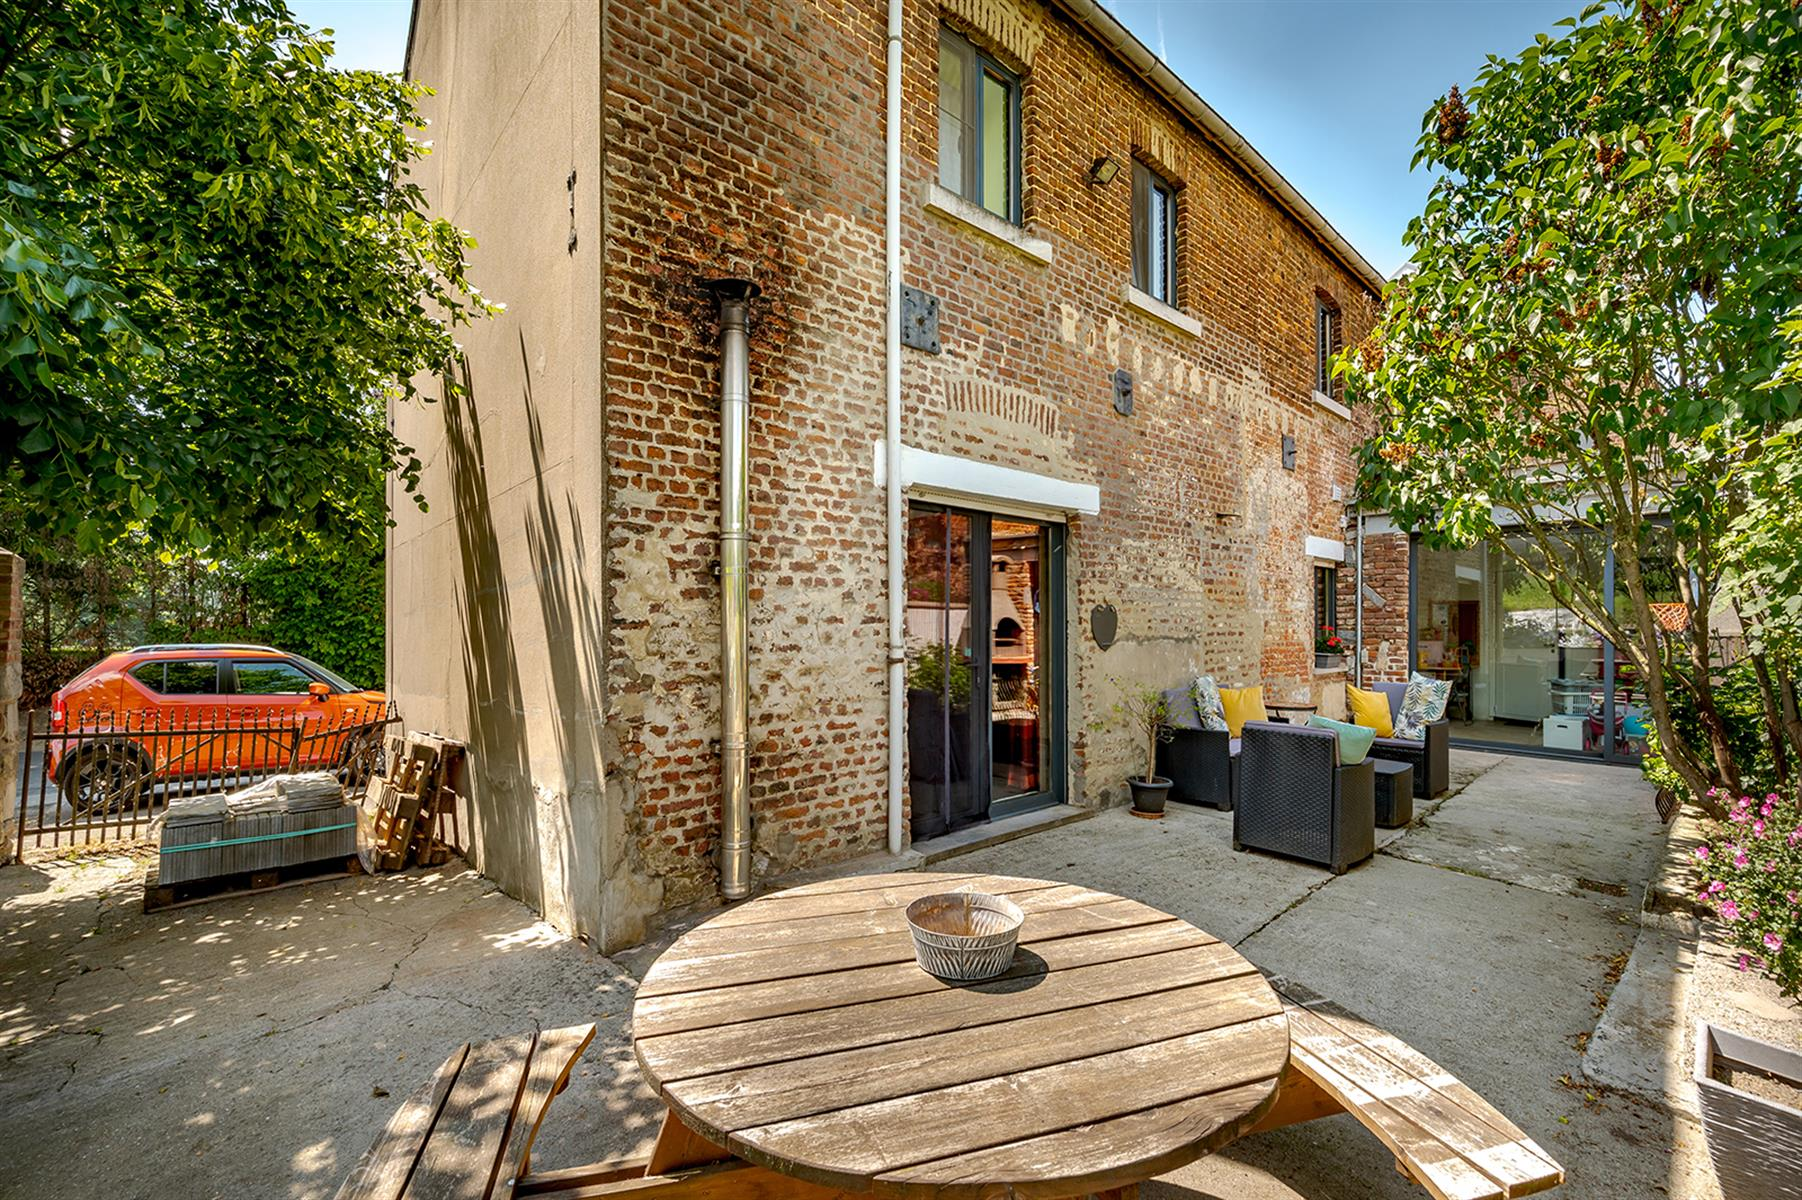 Maison - Villersle-Bouillet Warnant-Dreye - #4392377-0